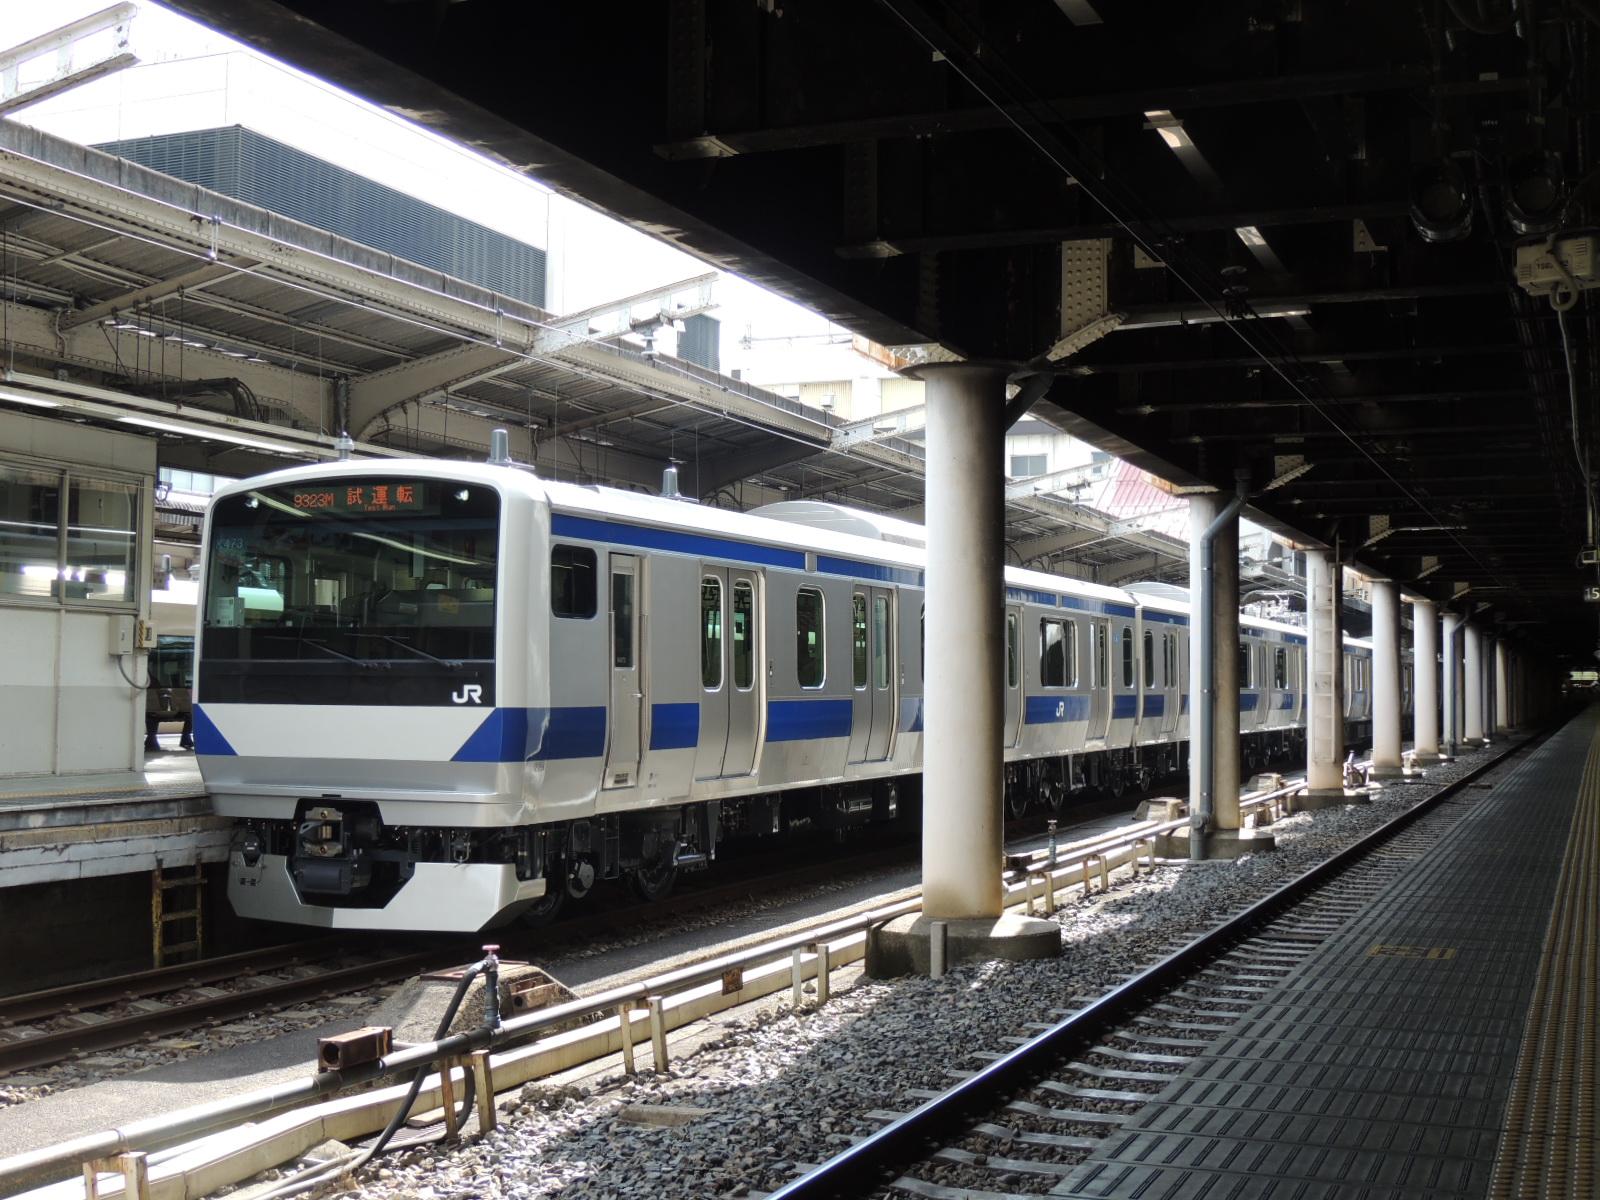 DSCN1730.jpg